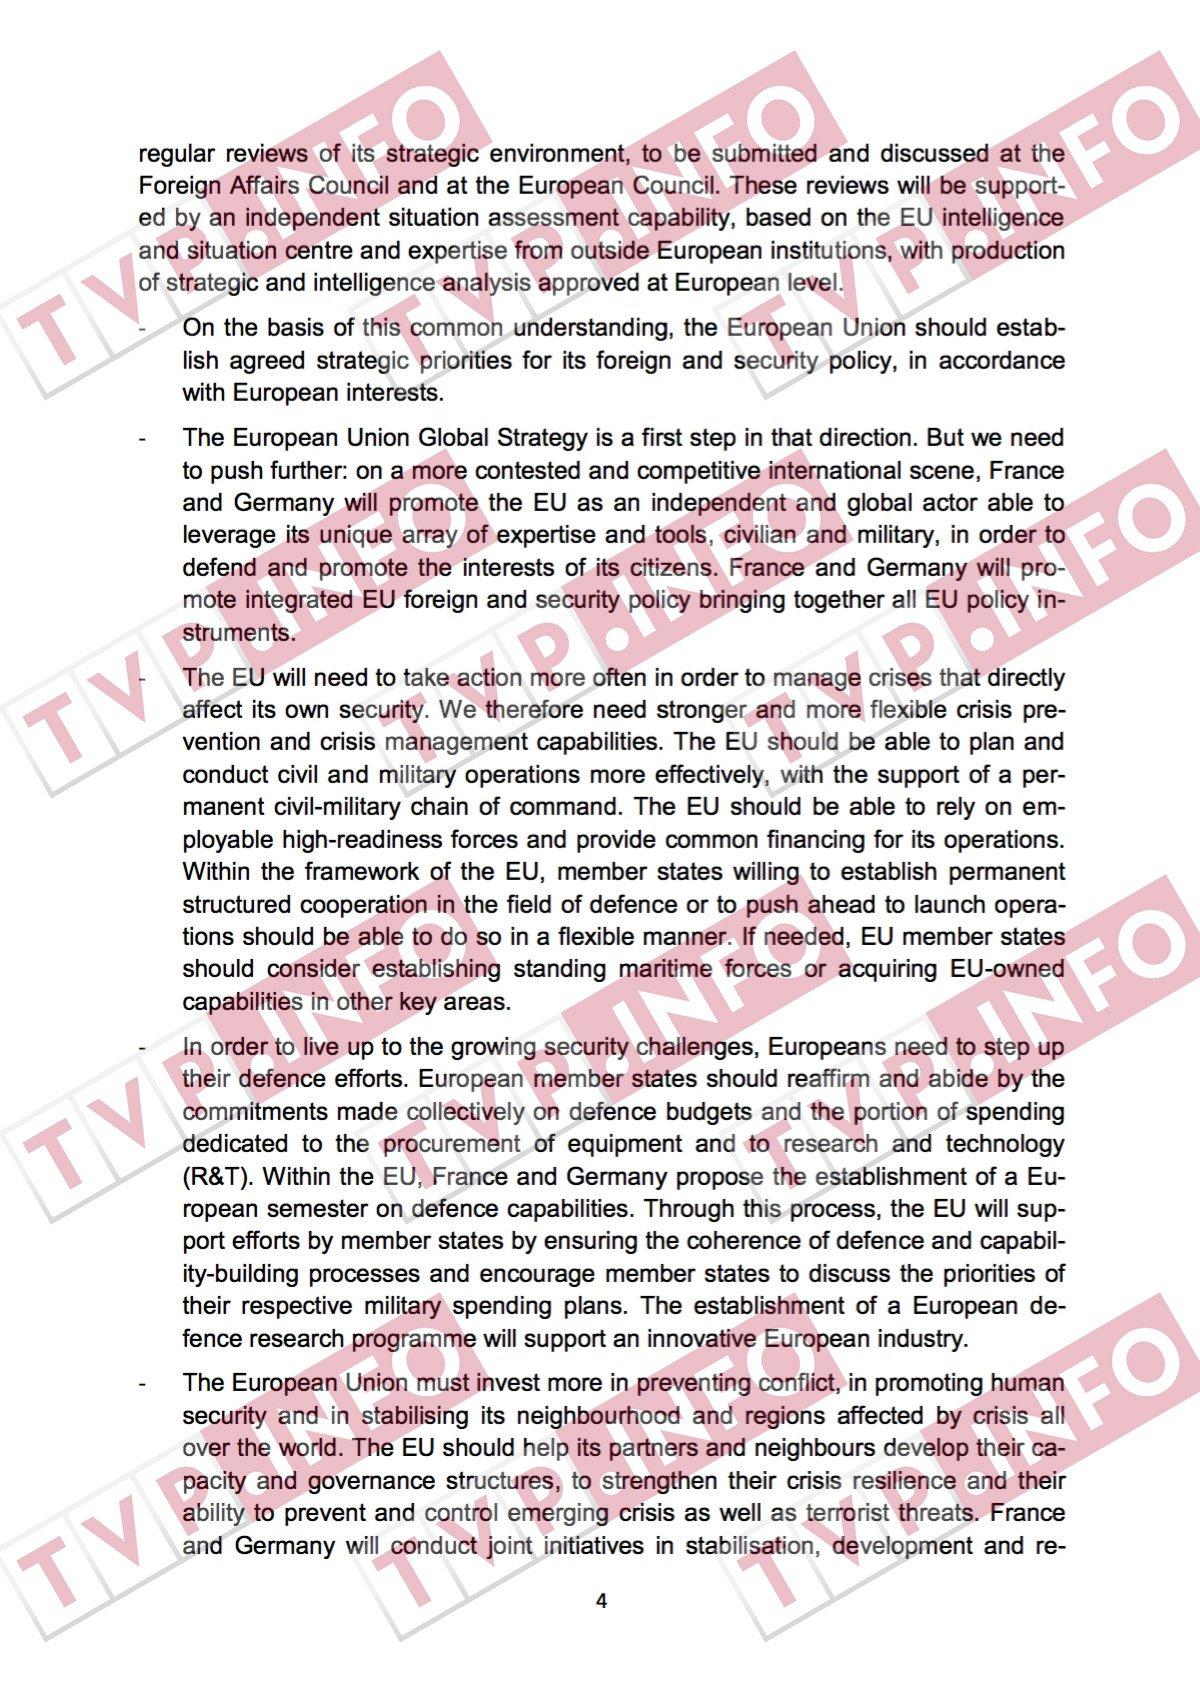 Geheimdokument-Europäischer-Superstaat-nimmt-Form-an-Kommentar-Oliver-Baron-GodmodeTrader.de-4